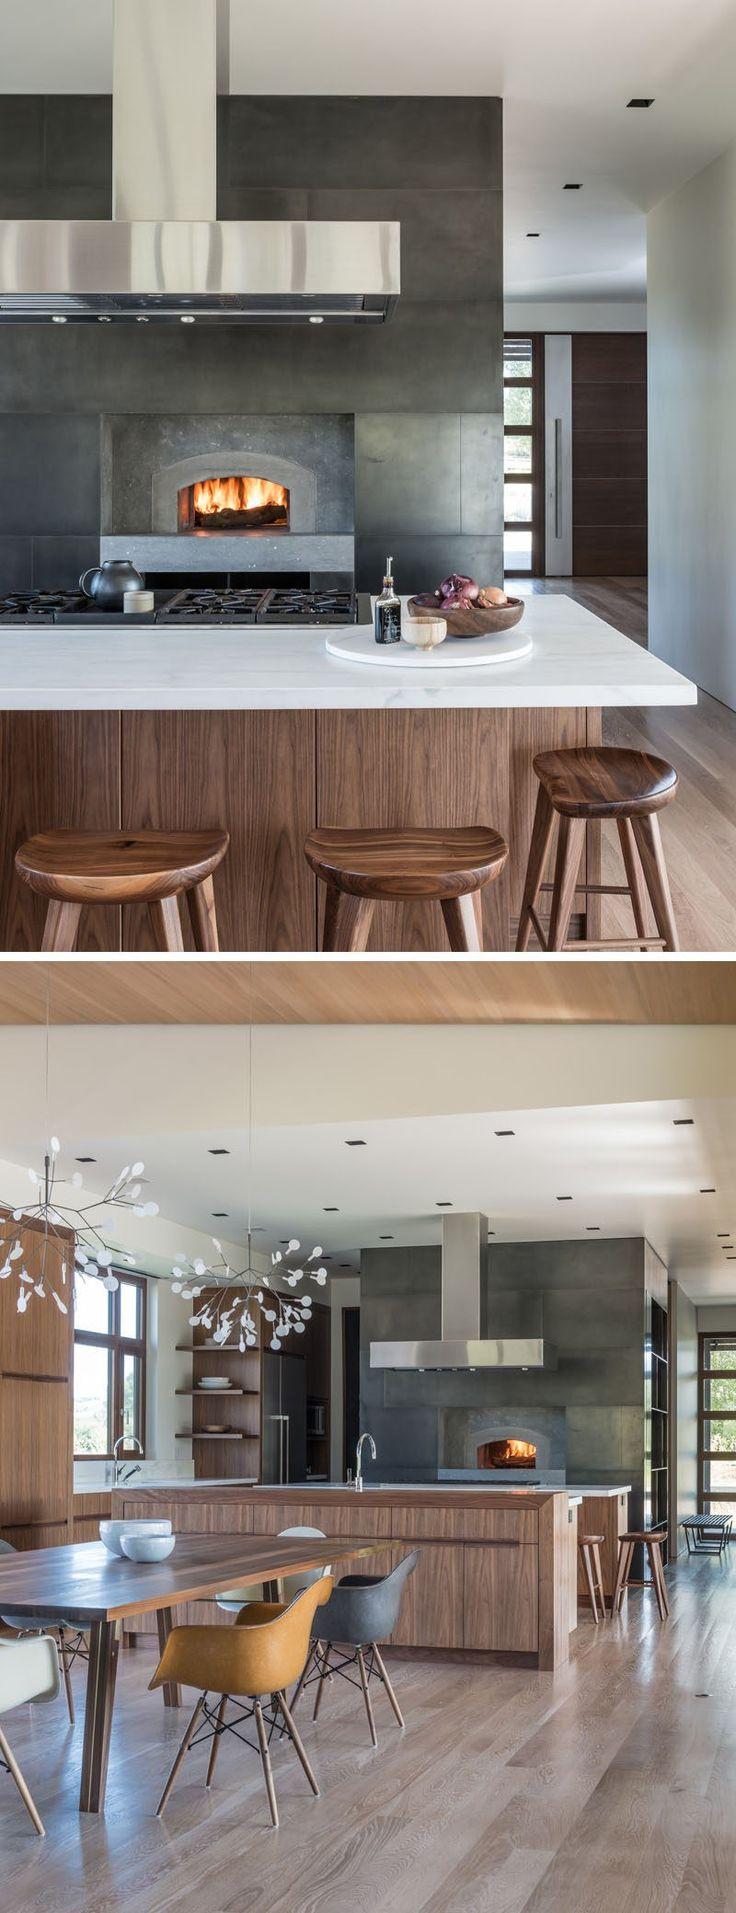 Küche Design Ideen gehören A gebaut In Holz Feuer Ofen oder Pizza Ofen in Your Kitchen